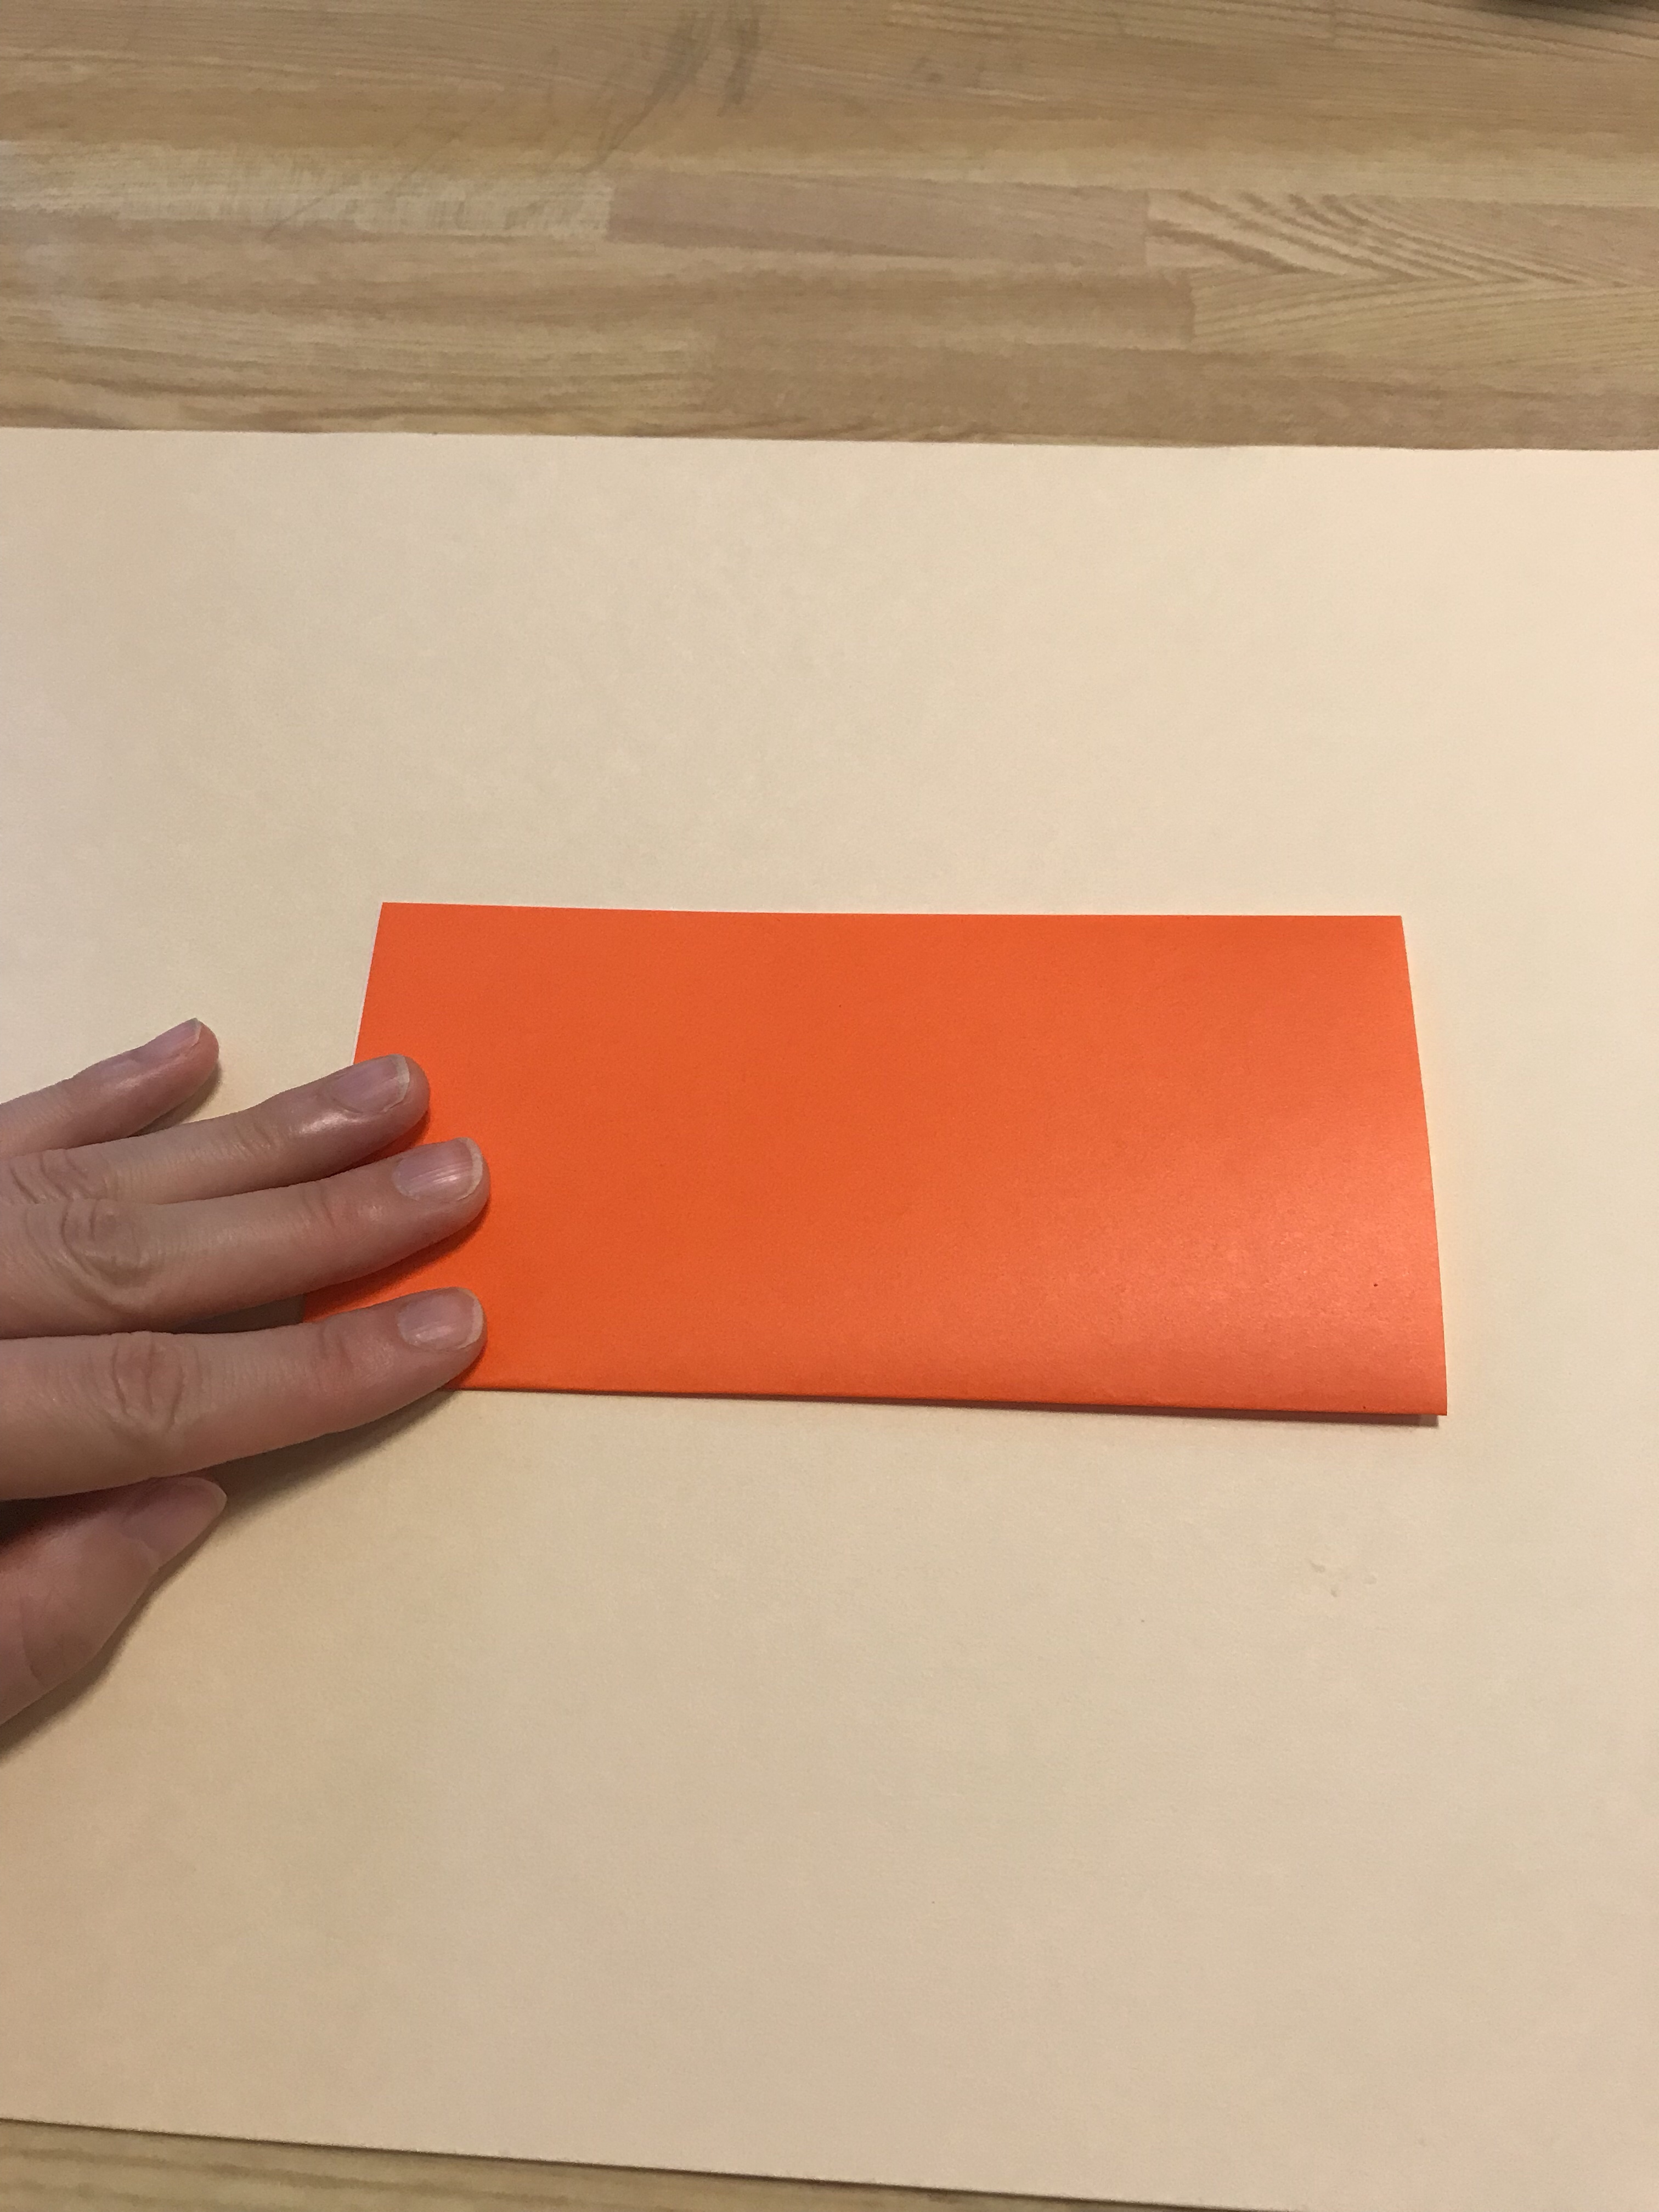 オレンジの折り紙を半分に折っている図